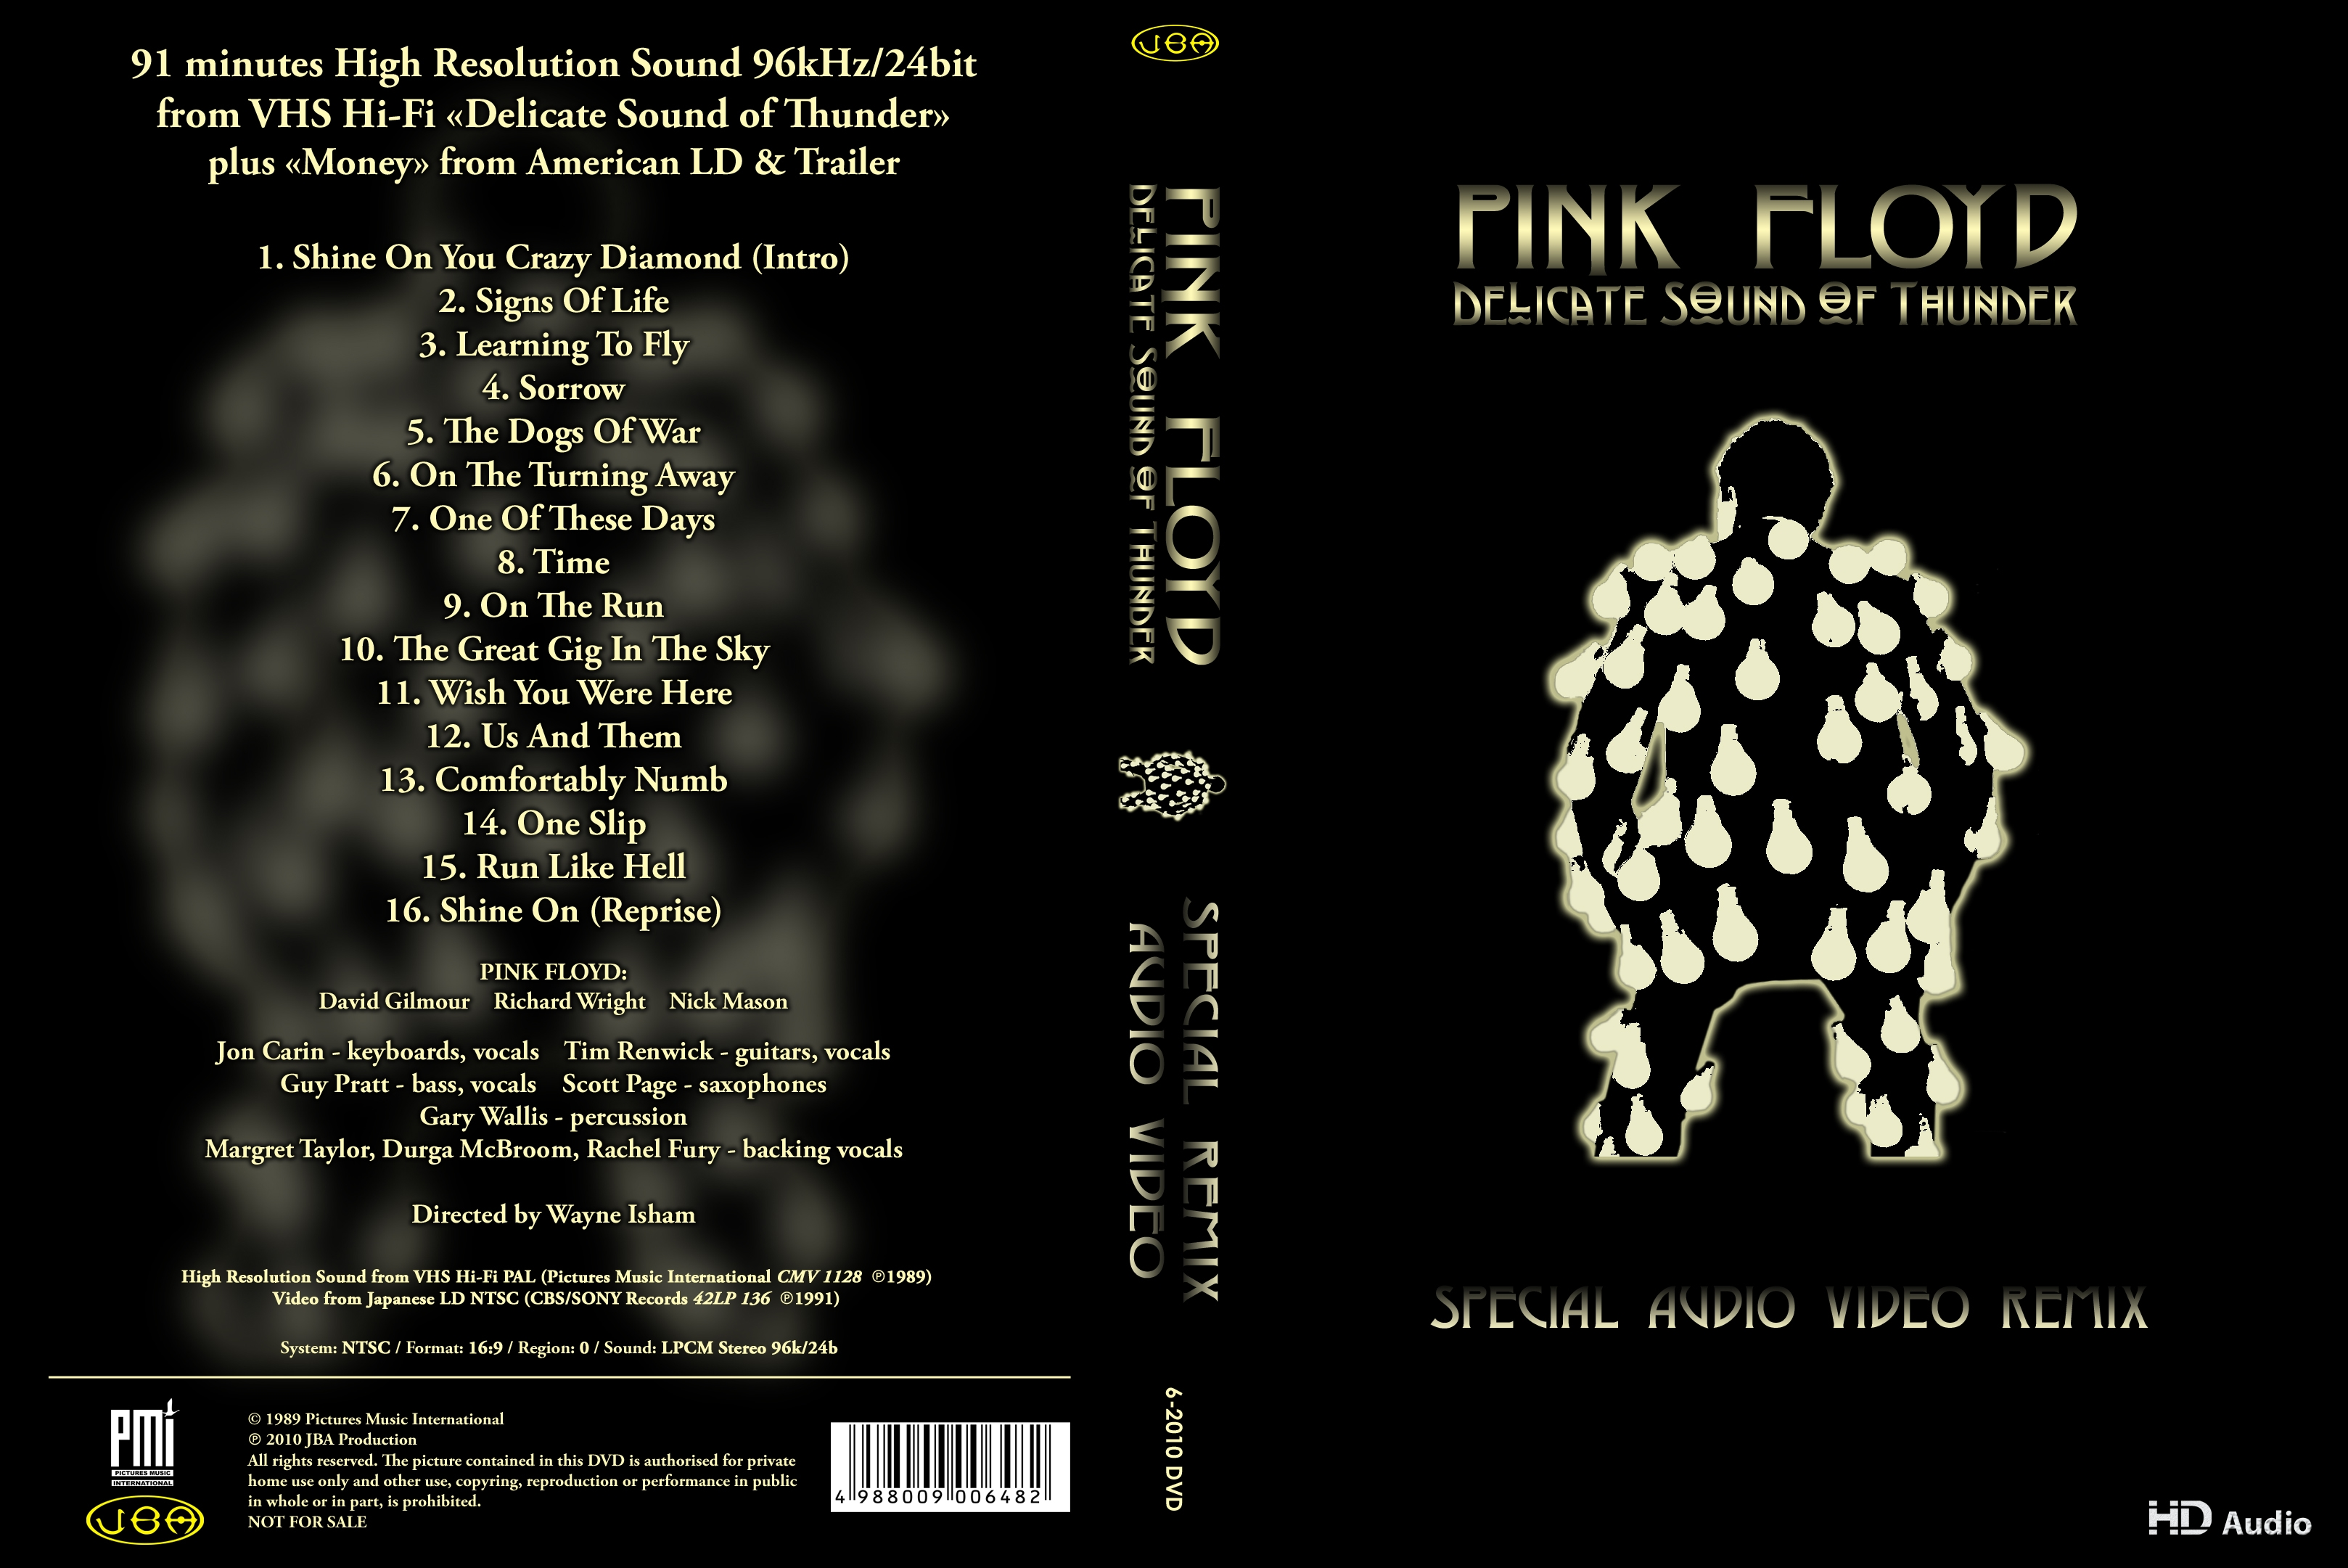 Pink floyd one slip video